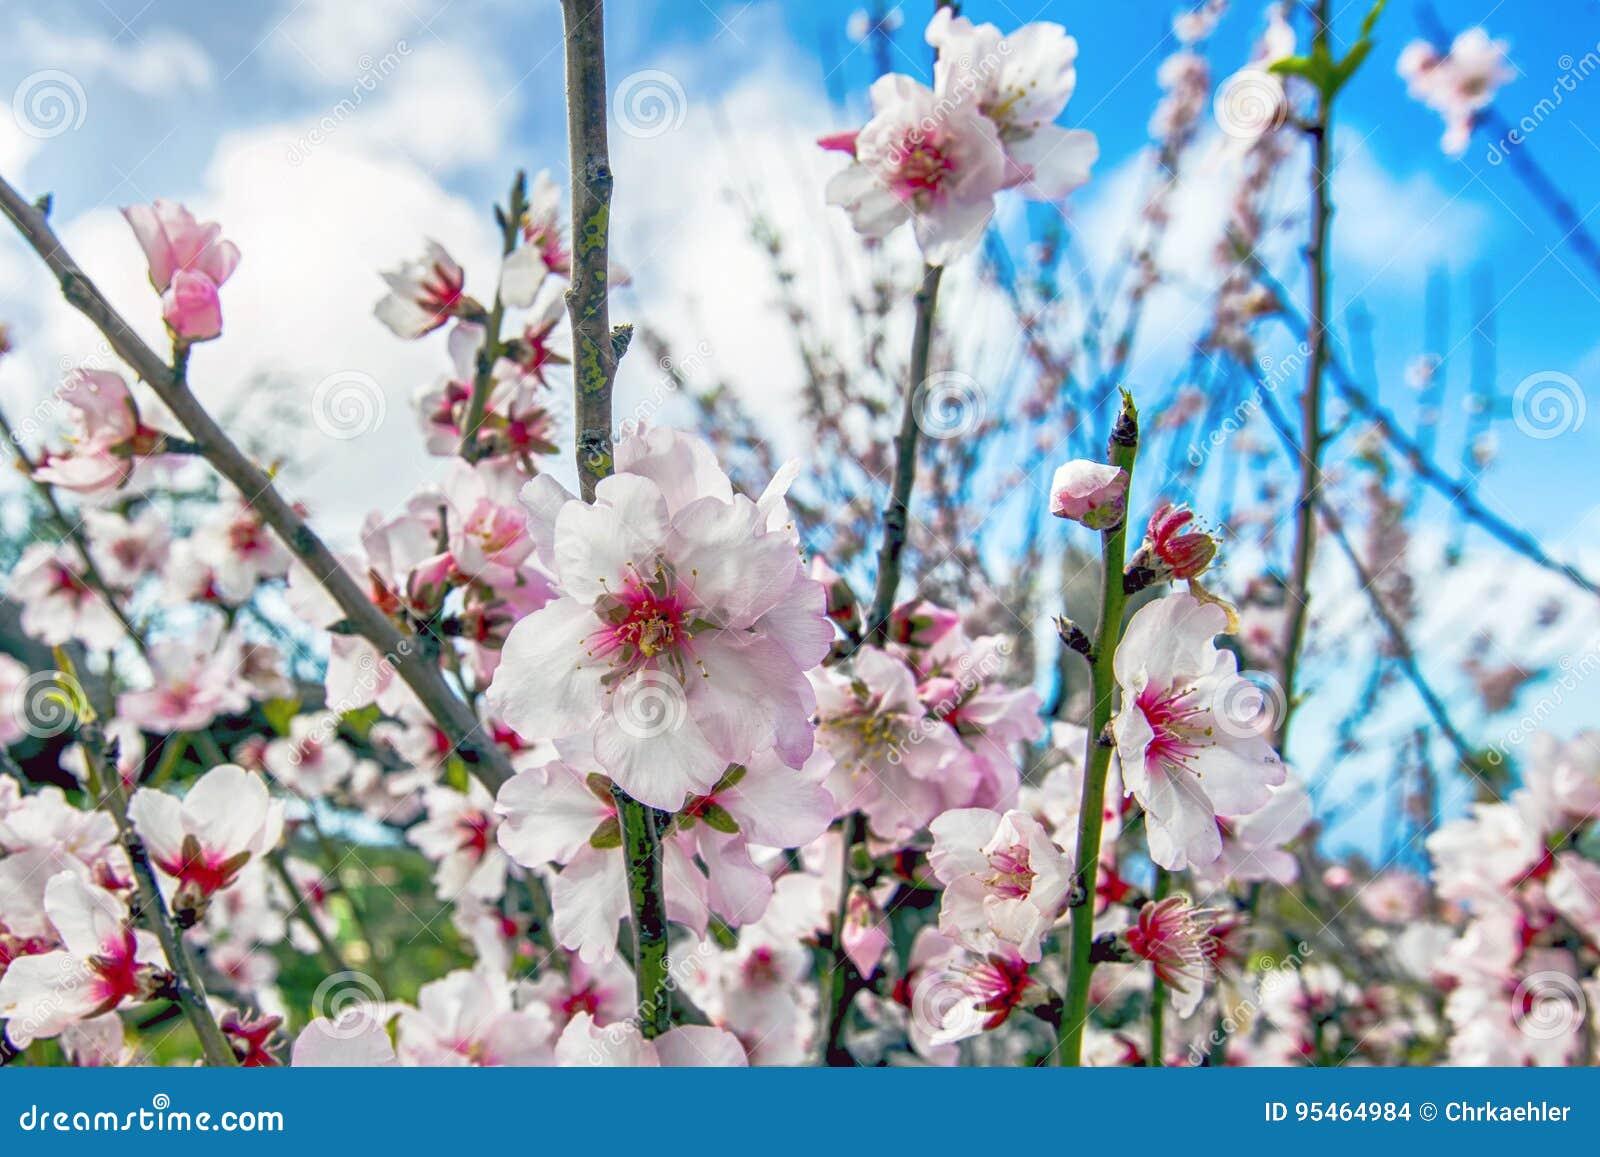 Saison de fleur d amande